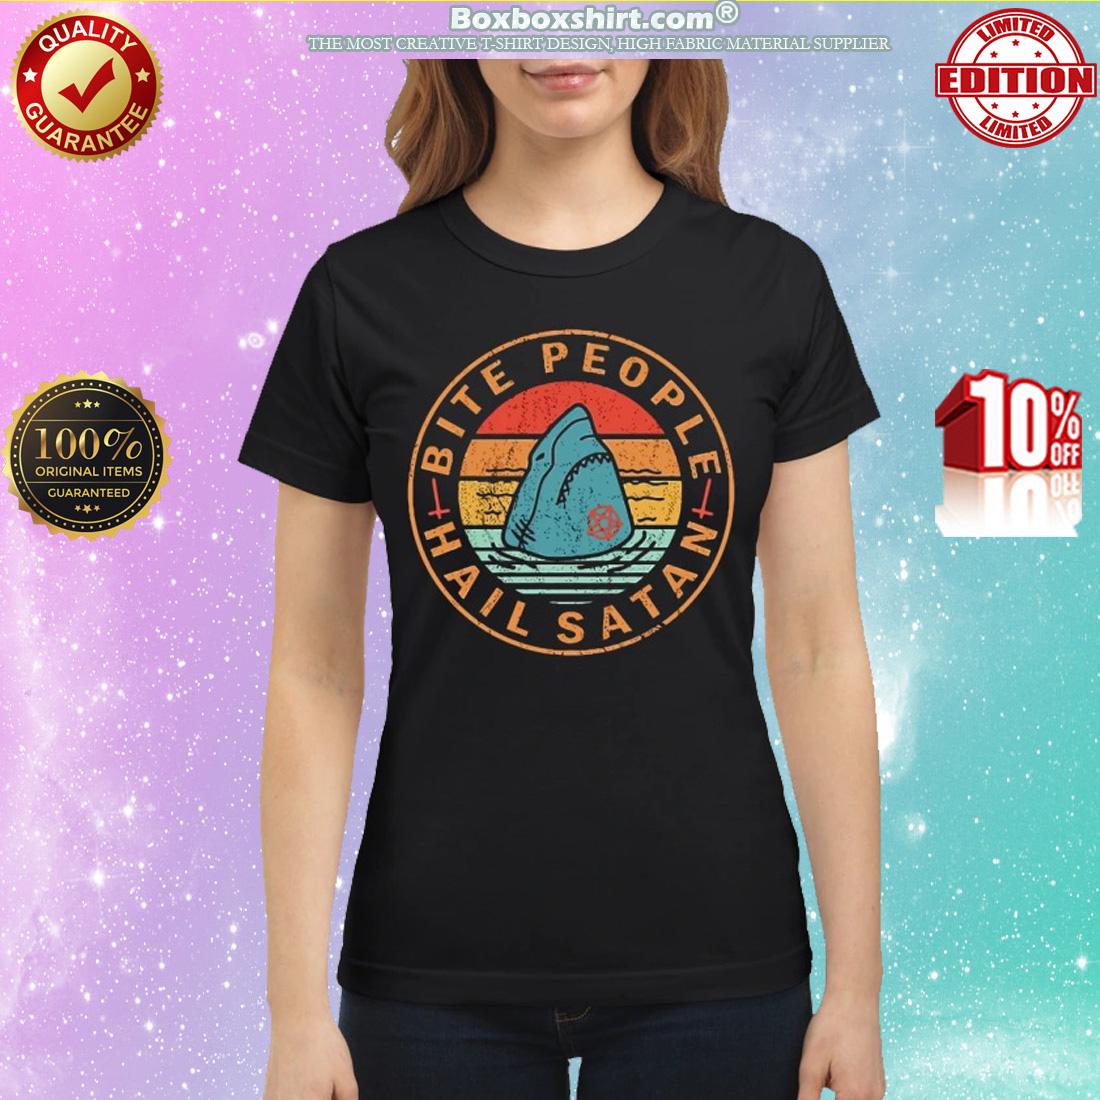 Shark bite people hail satan classic shirt